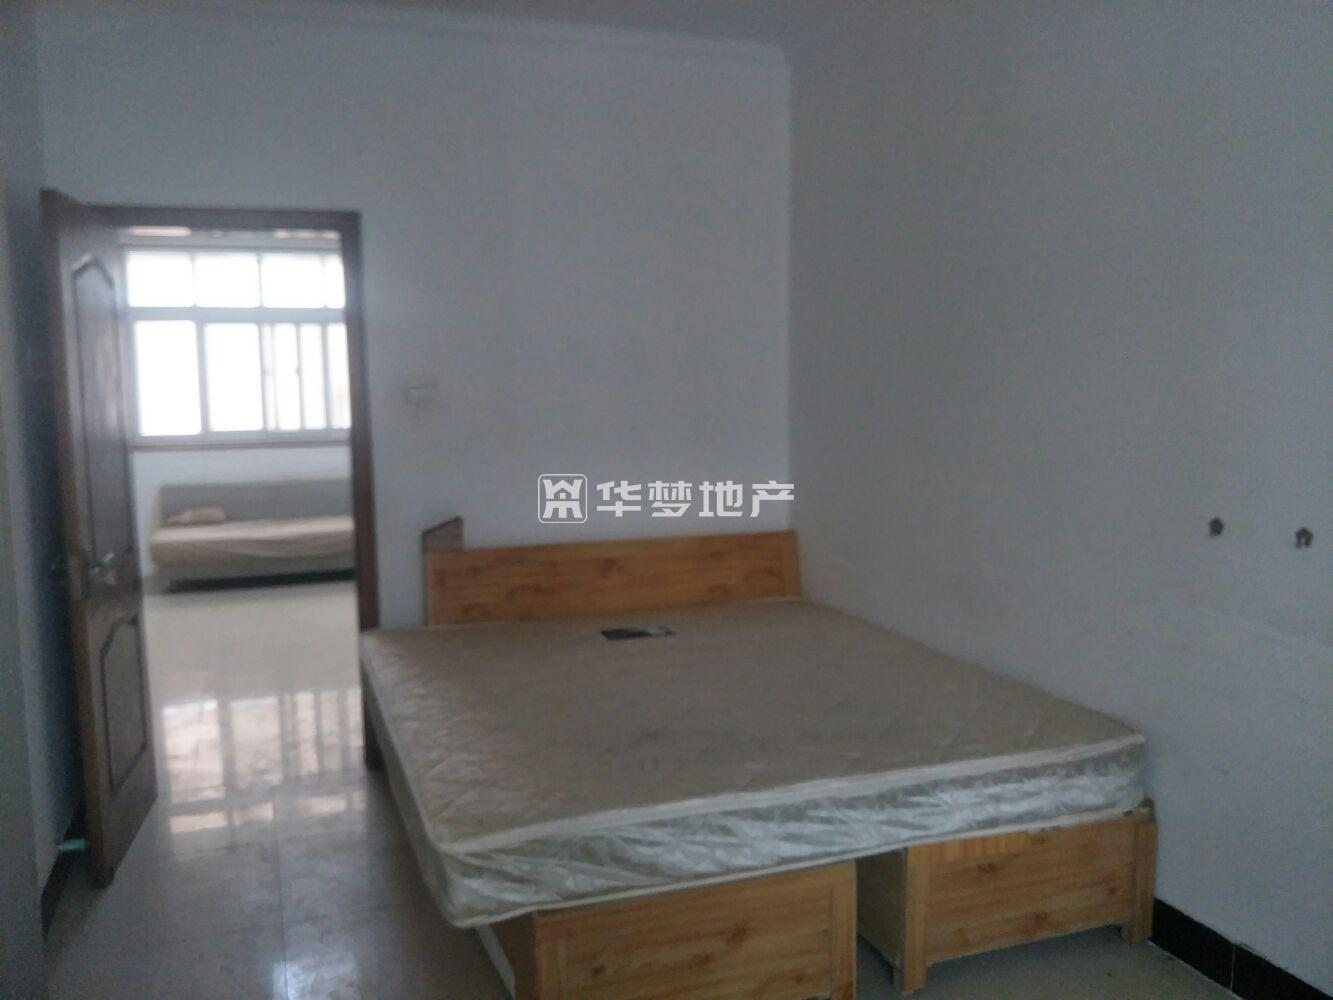 中原银行家属院(长庆中路55号)